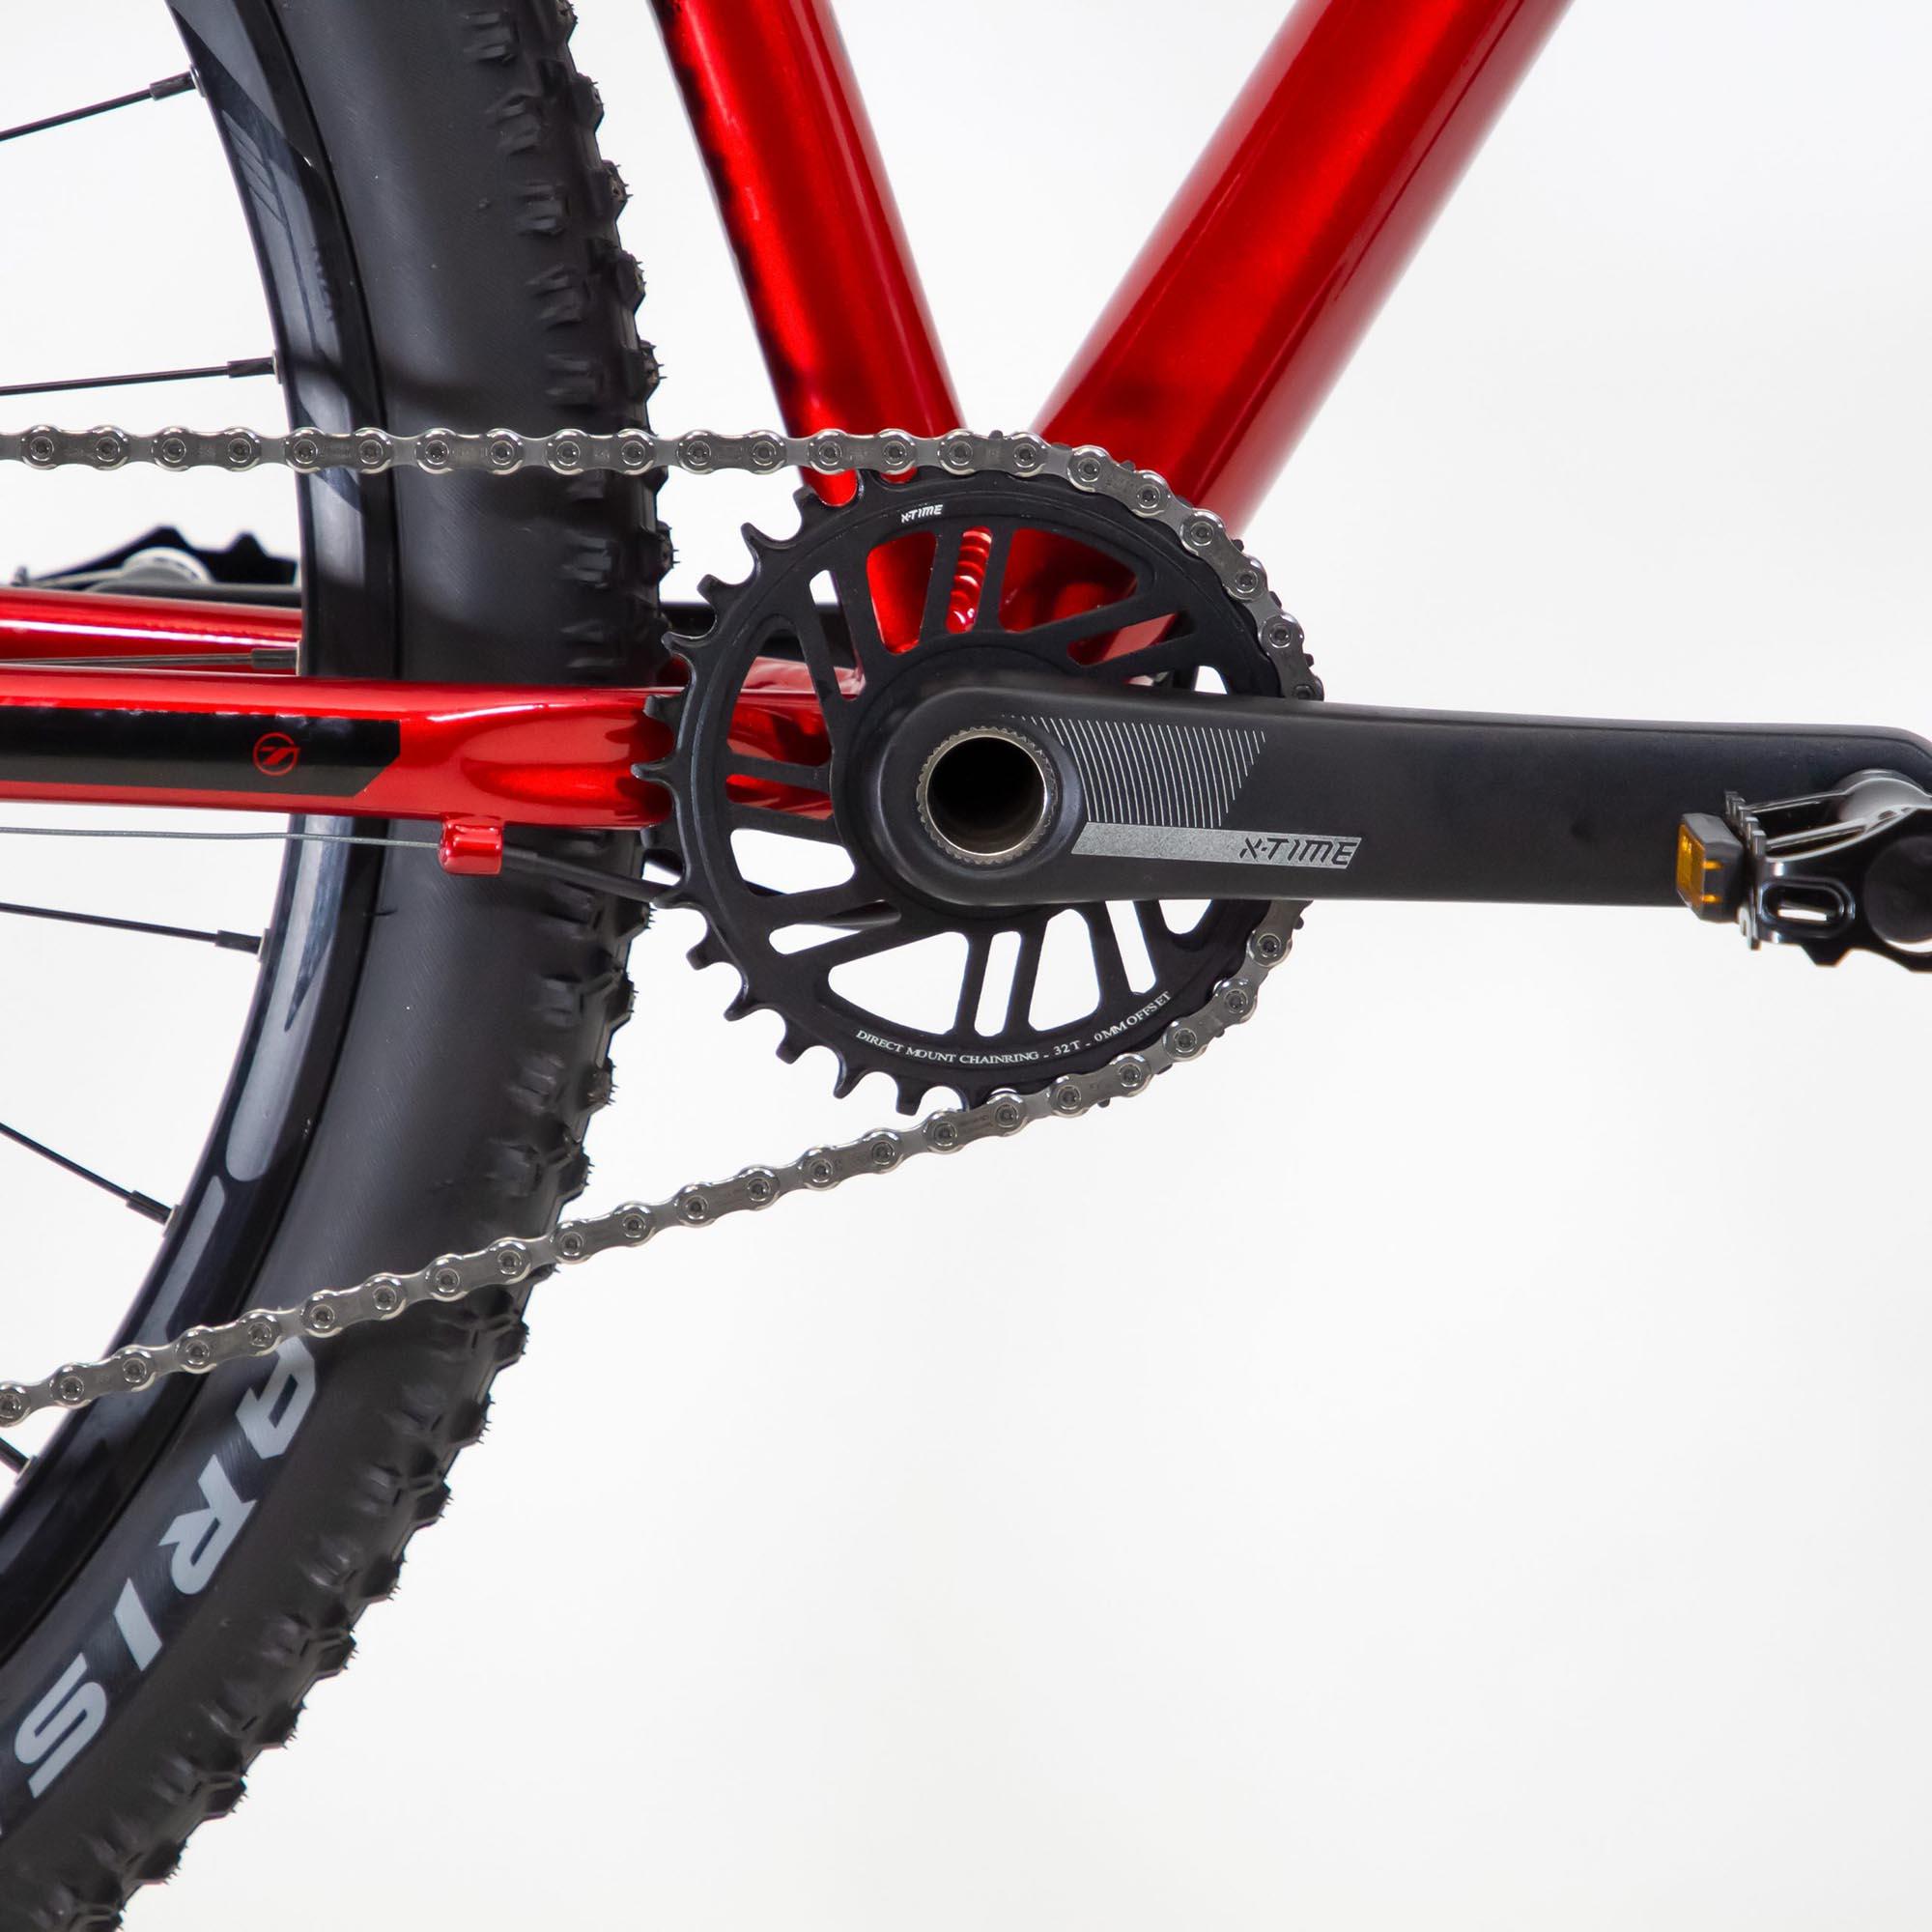 Bicicleta Aro 29 Tsw Hurry, Suspensão Suntour XCM ou Rock Shox Judy, Freio Shimano MT200